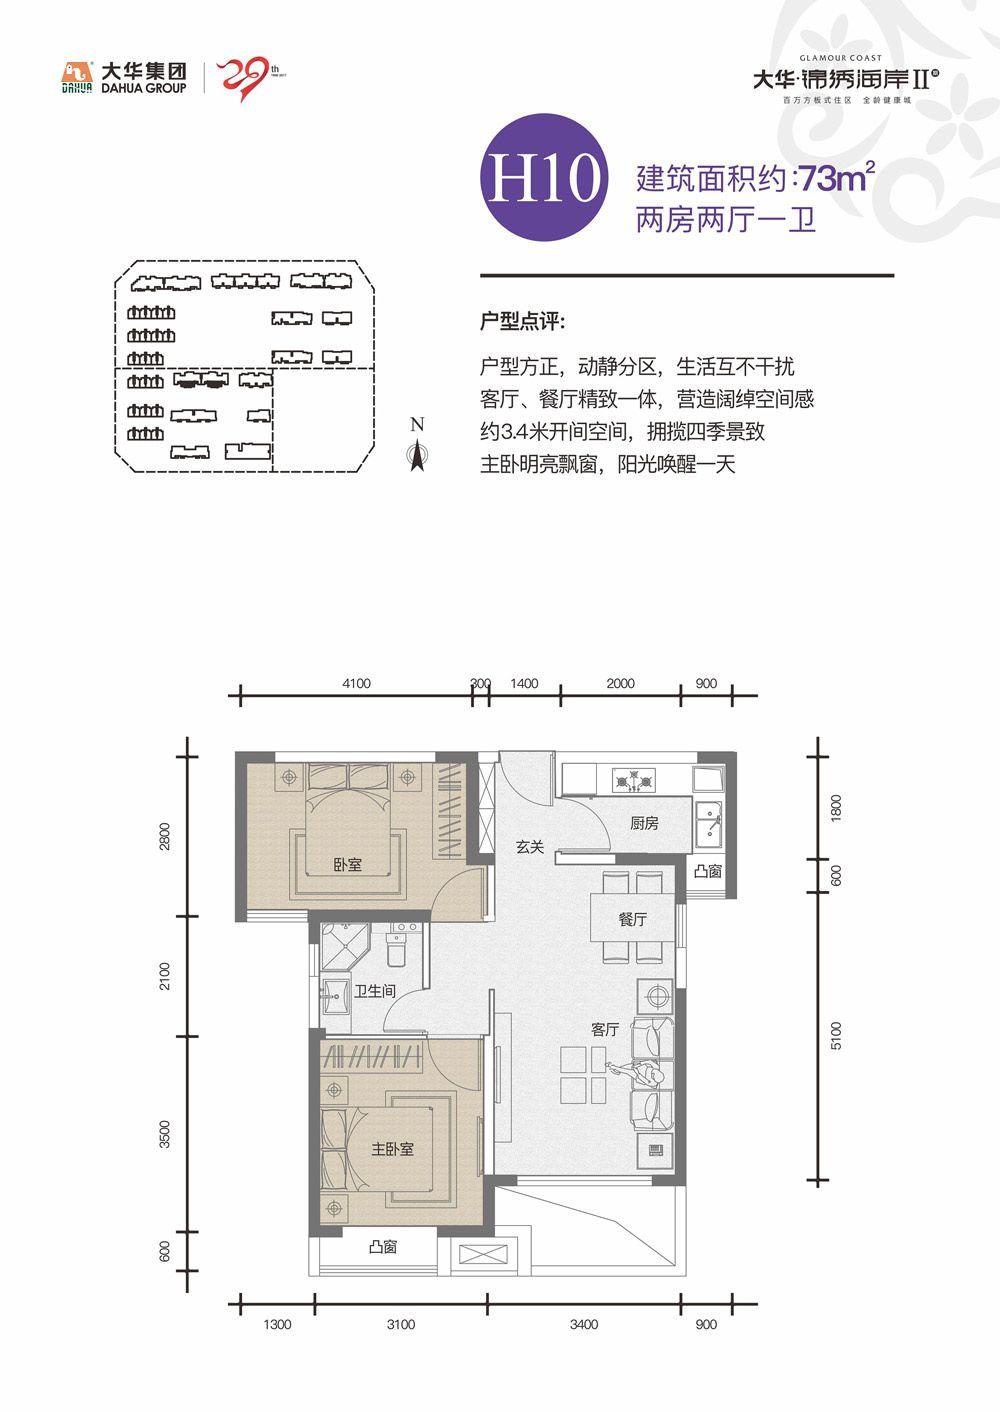 H10户型 2房2厅1卫 建筑面积约73平